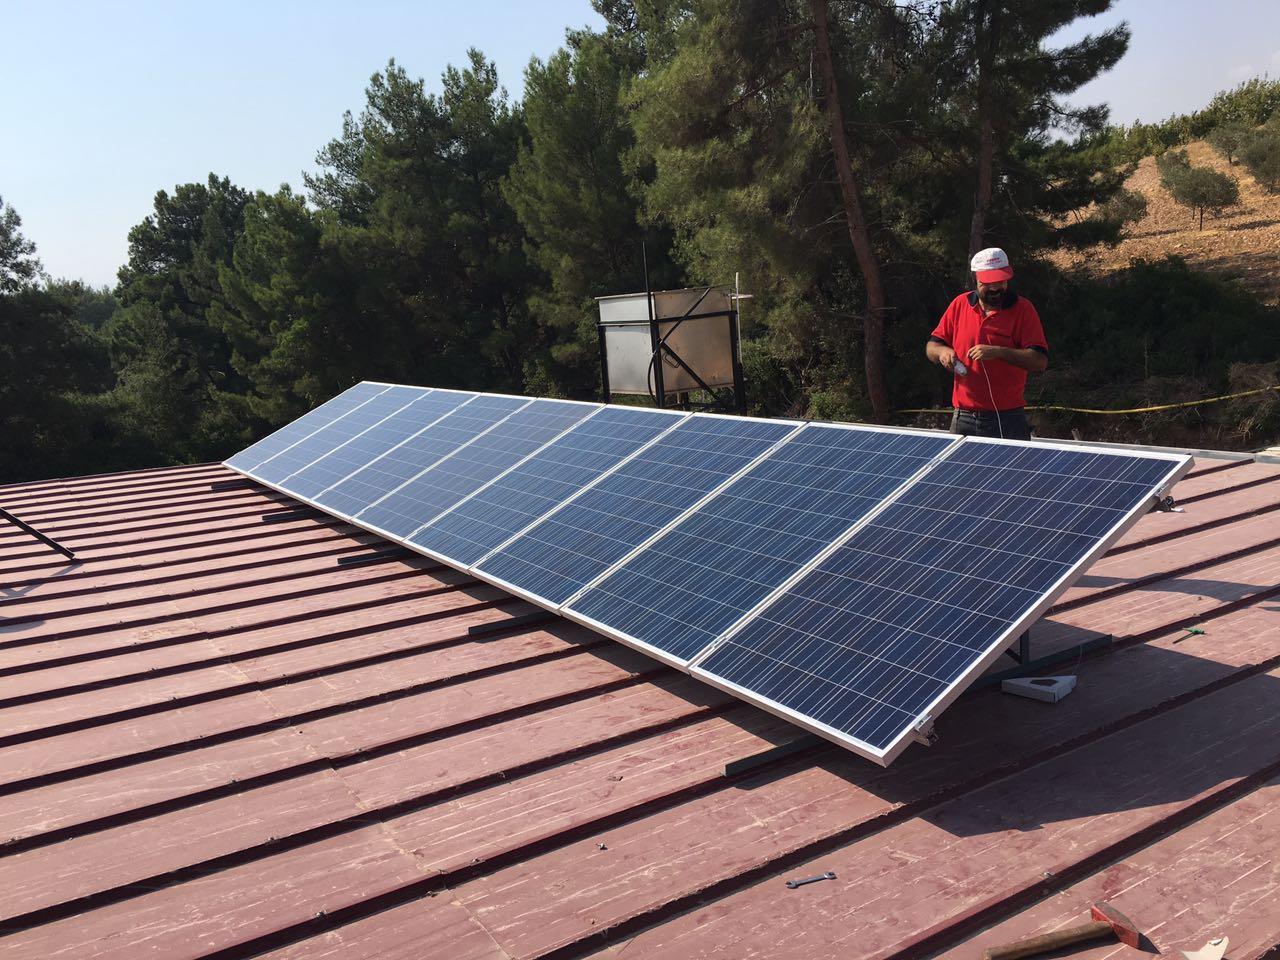 ev için güneş paneli fiyatları, ev için solar paneli fiyatları, solar enerji